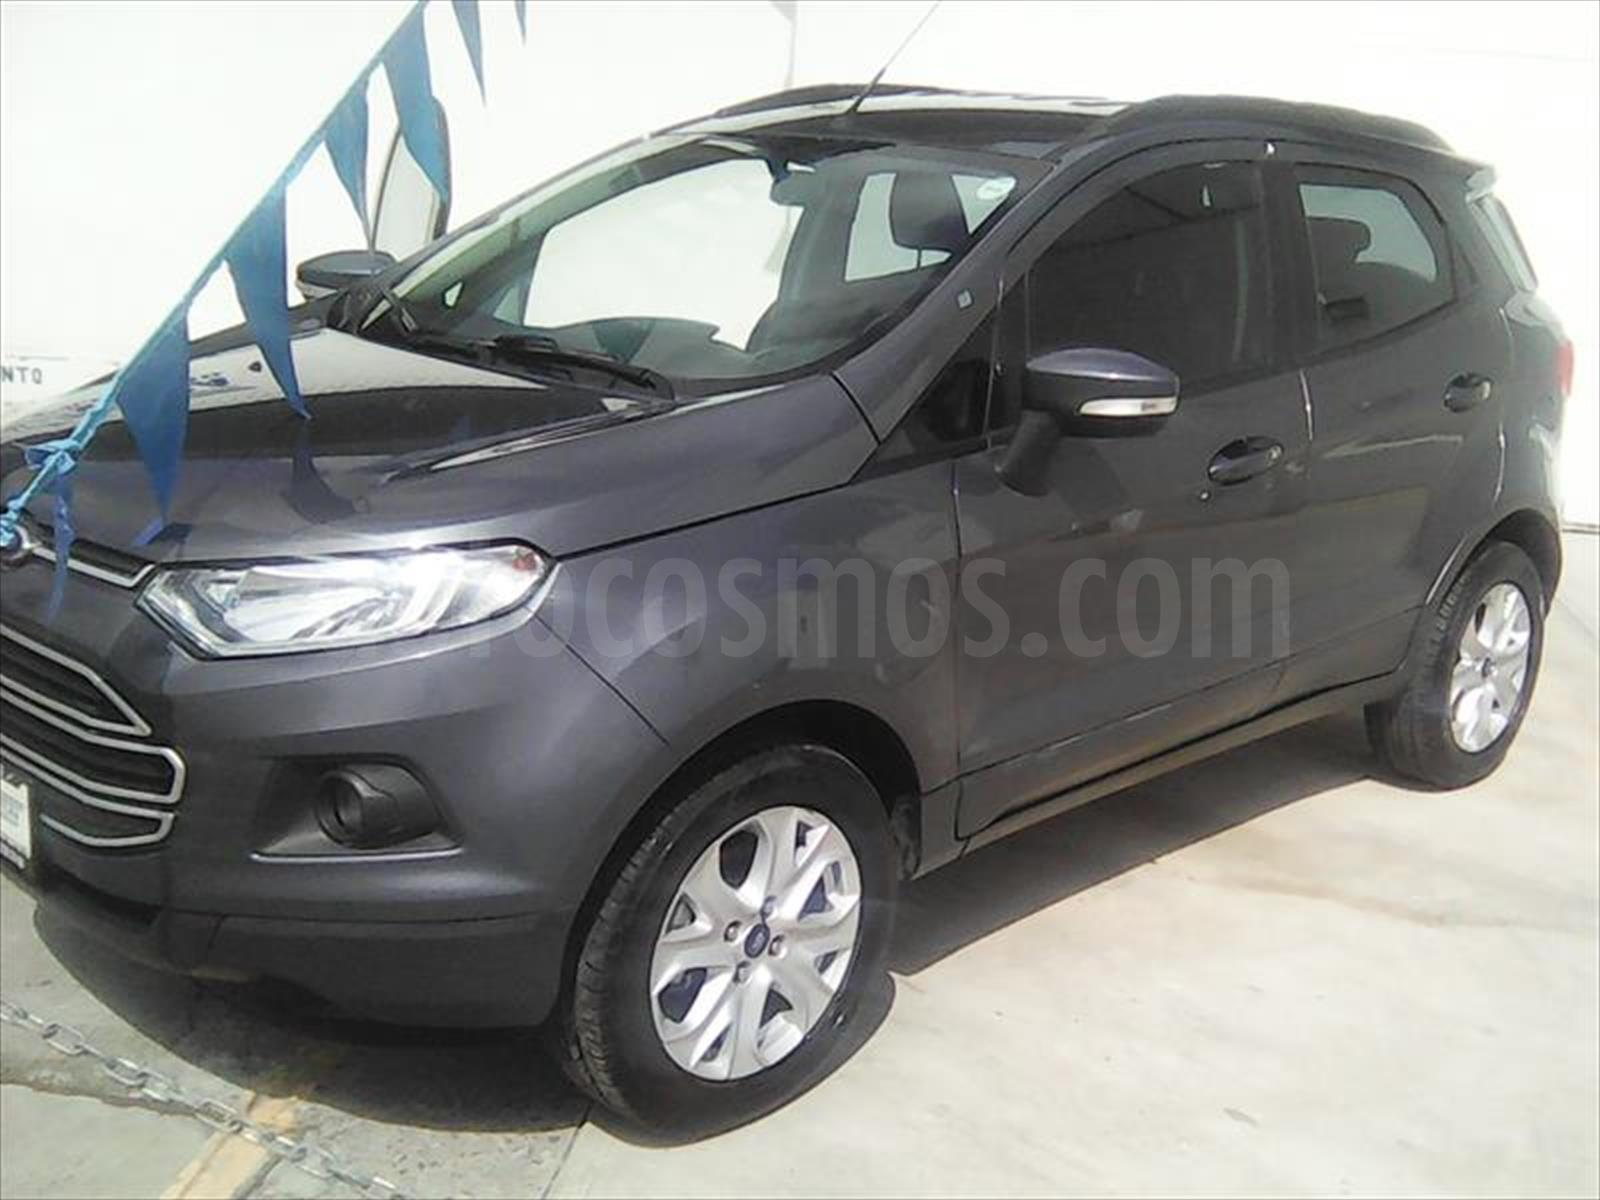 Image Result For Ford Ecosport Queretaro